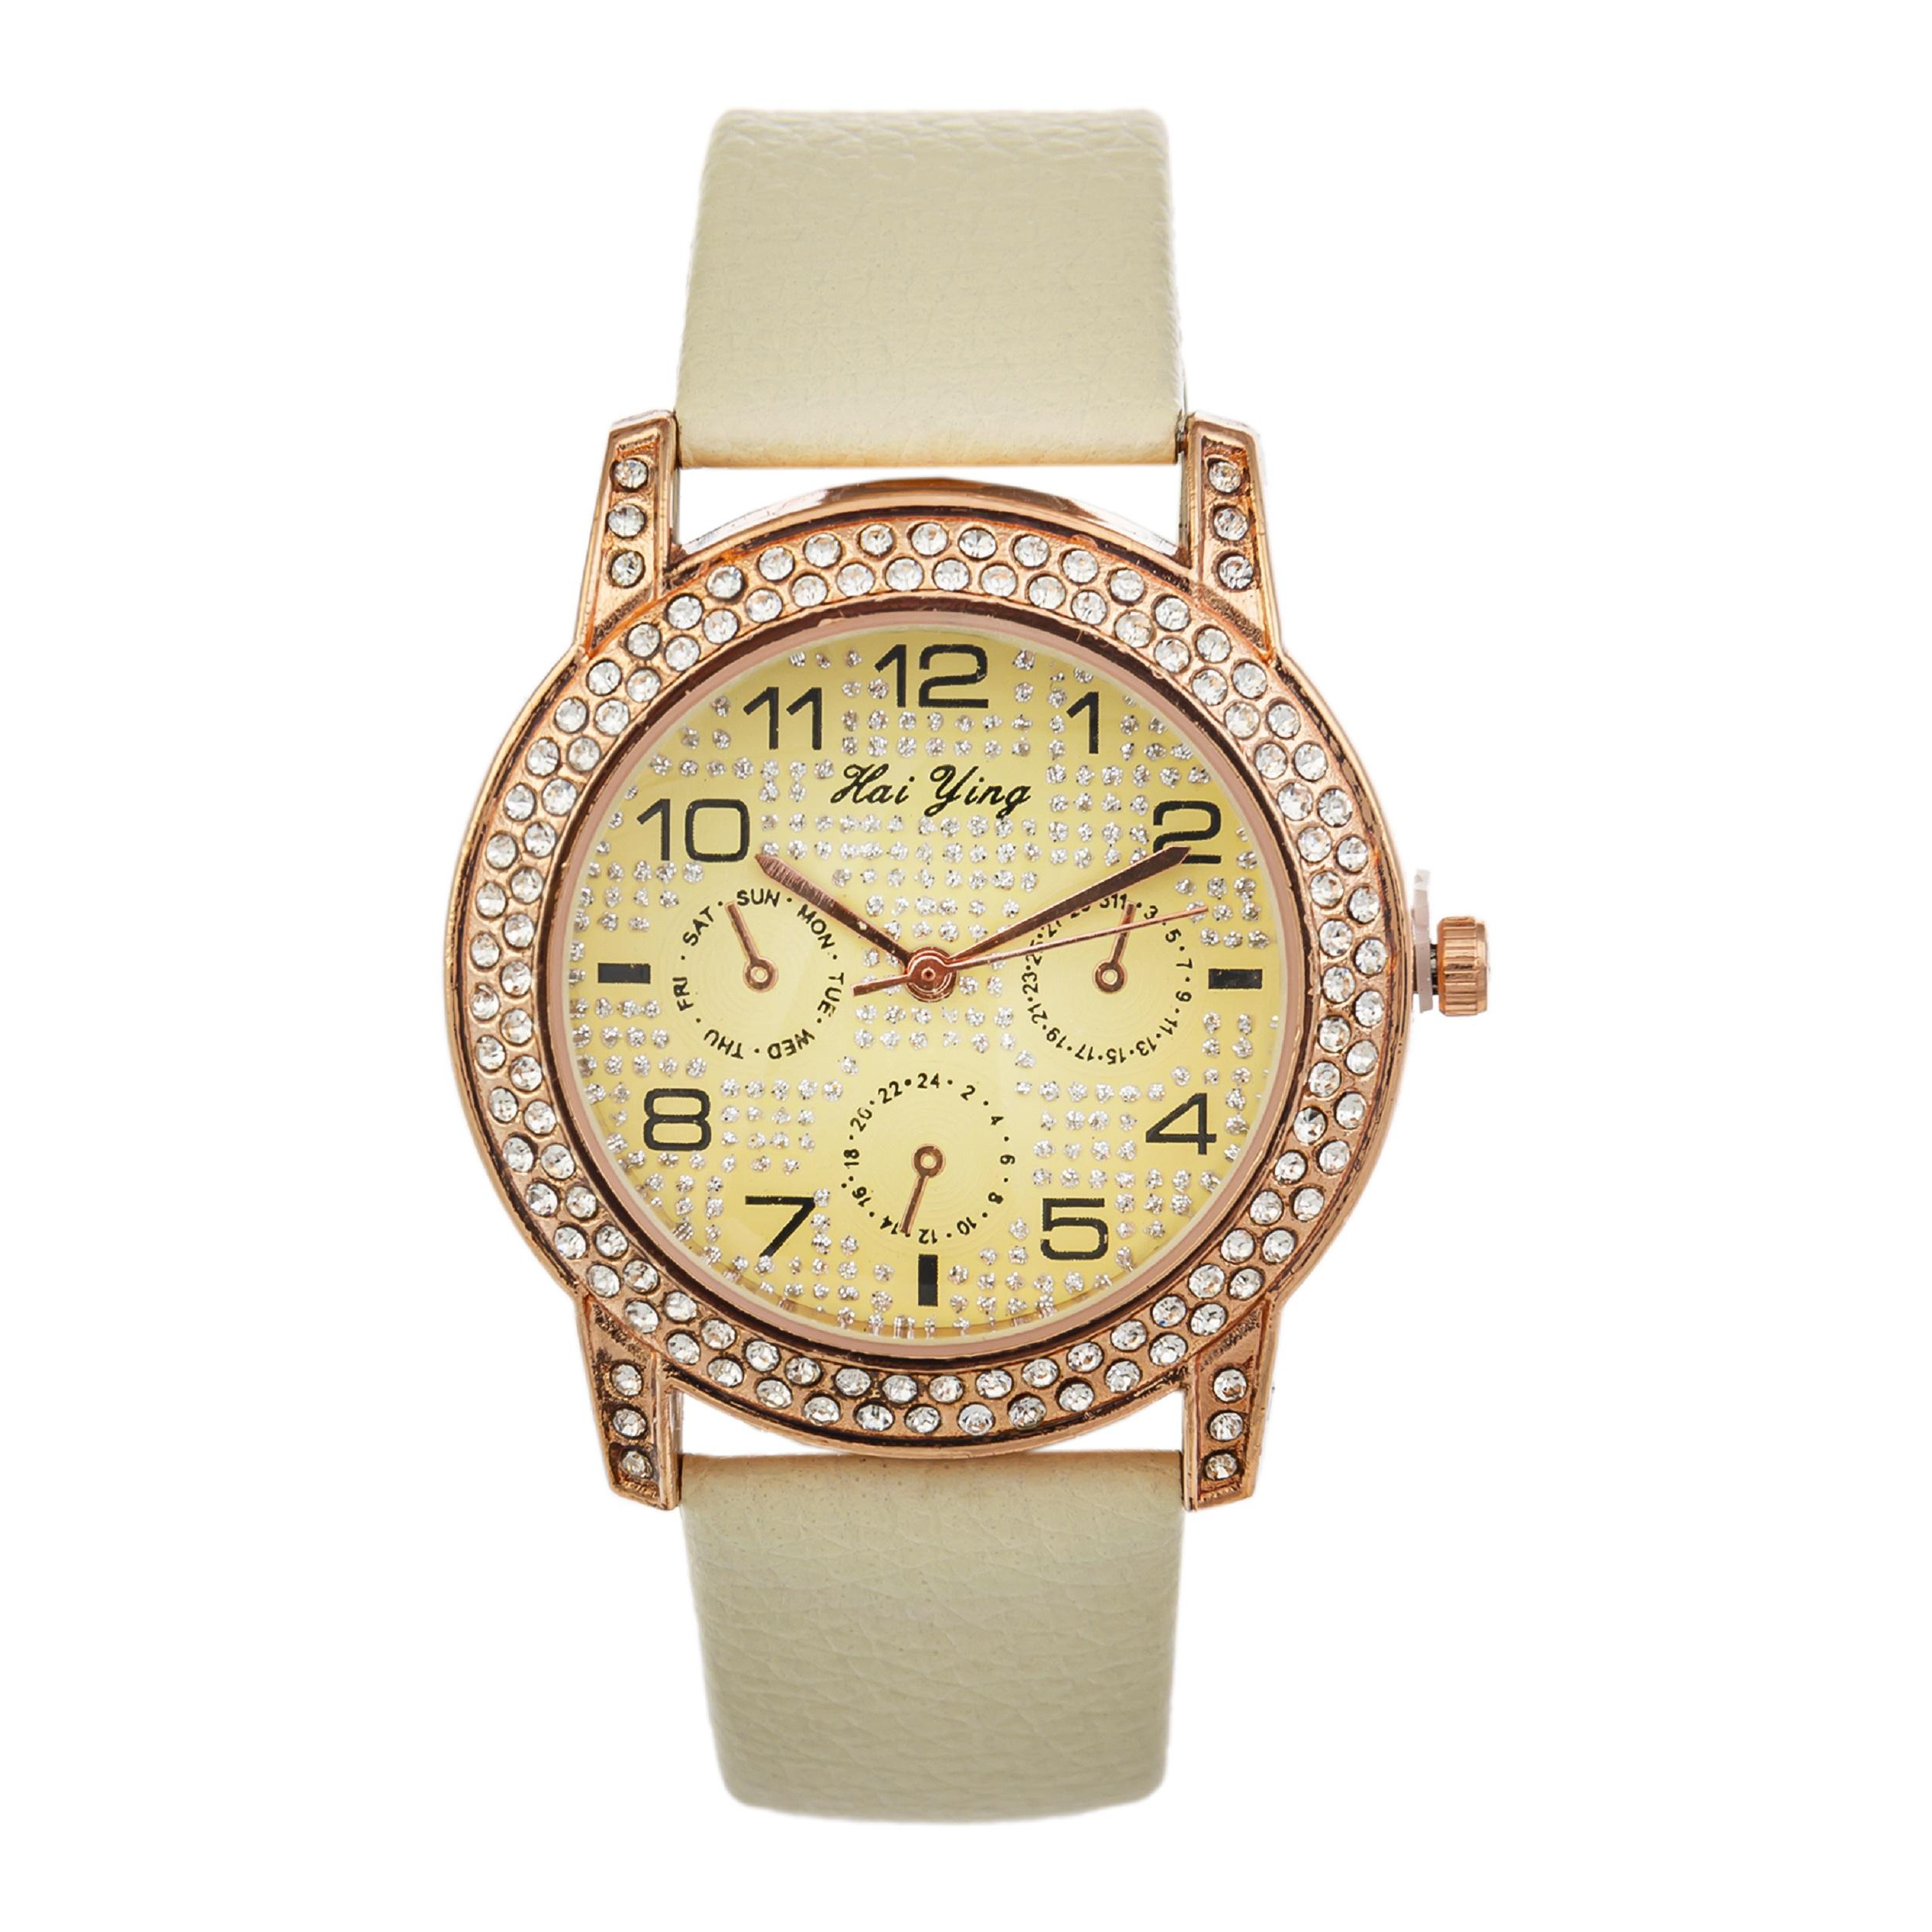 خرید                                       ساعت مچی عقربه ای  زنانه  های یانگ کد 048